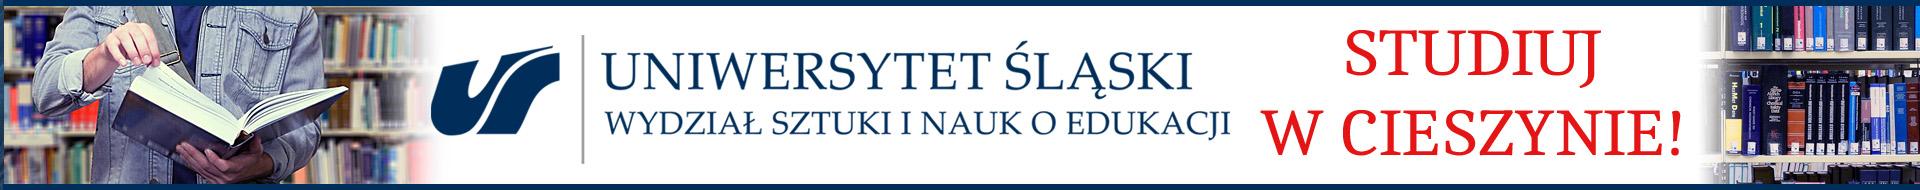 Uniwersytet_slaski_desk